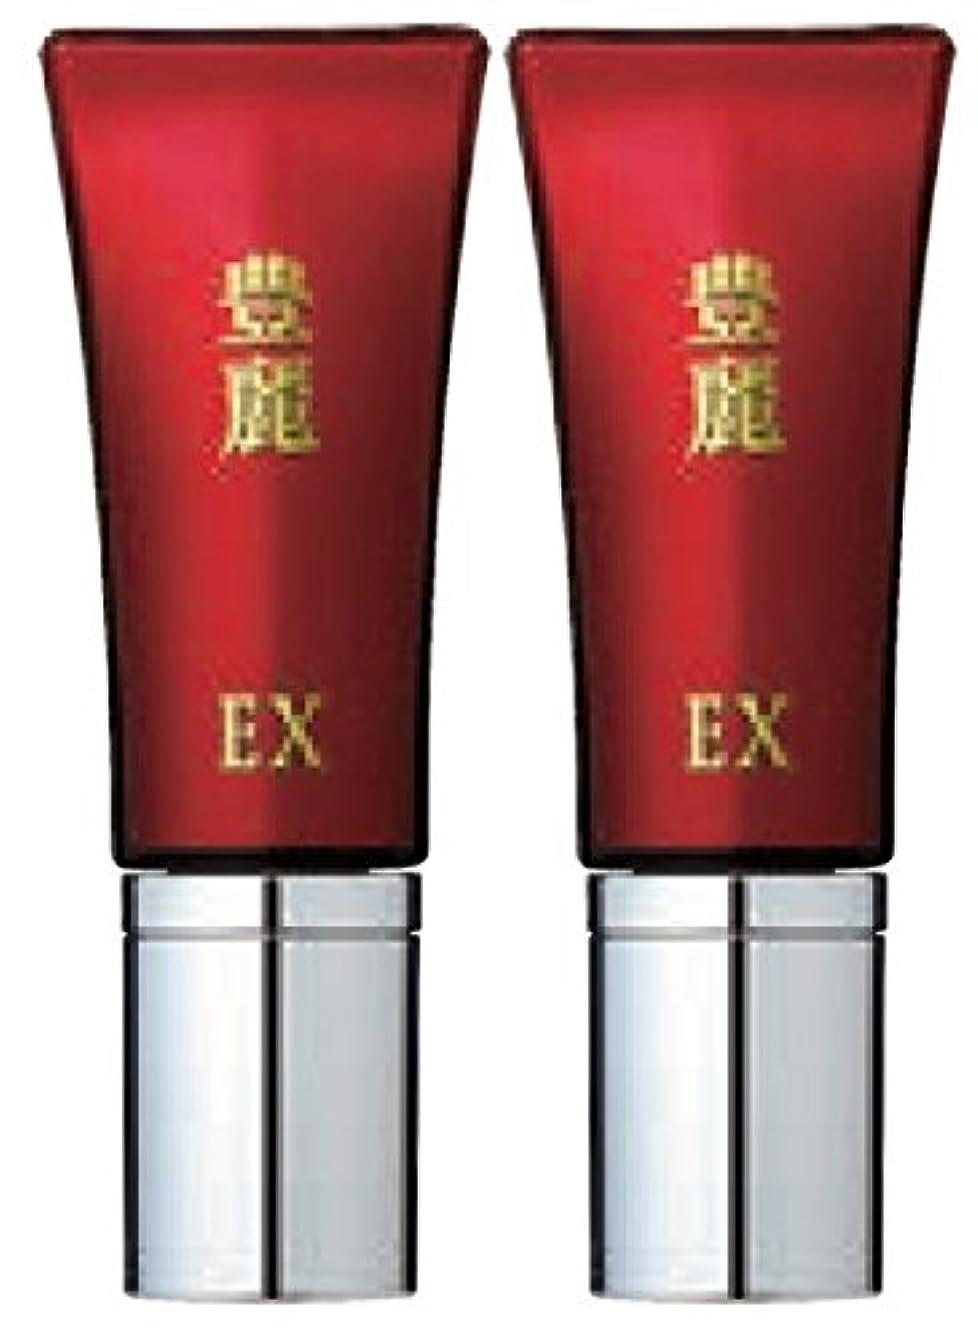 シートむしろ化学豊麗EX 16g 2本セット TVショッピングで話題のハリ肌美容液